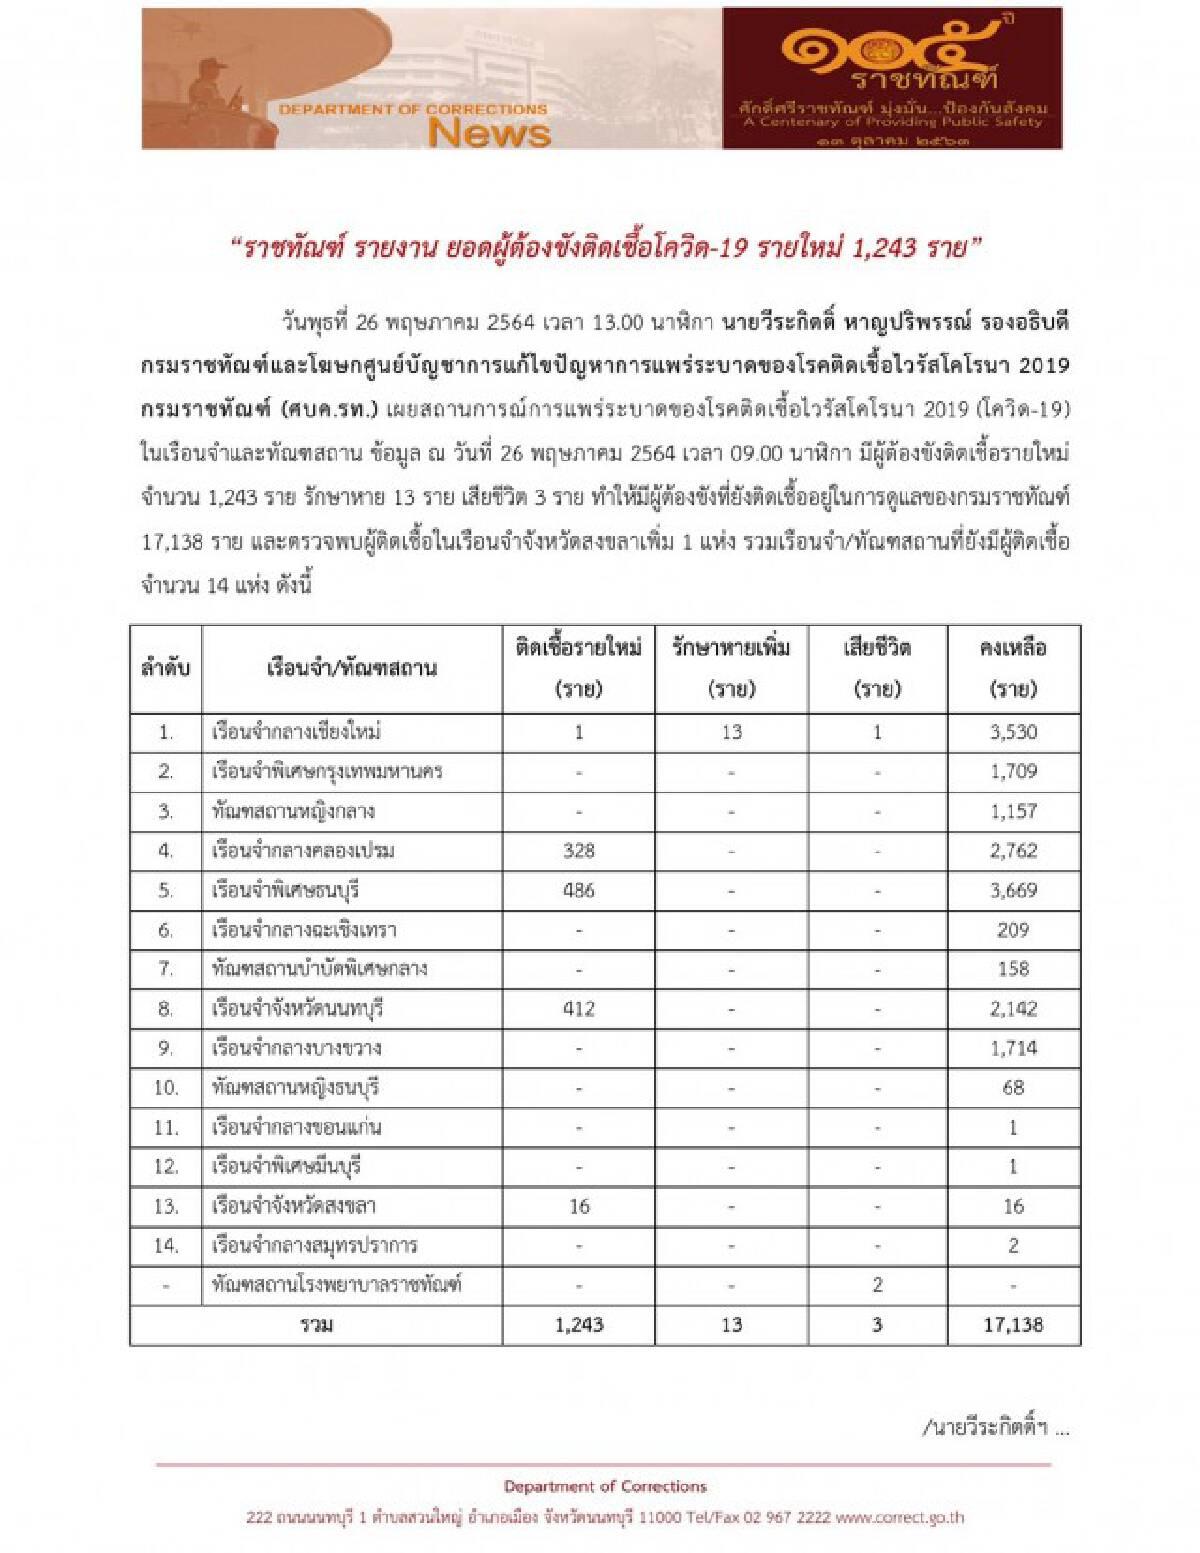 ราชทัณฑ์ เผยผู้ต้องขังติดโควิด-19 เพิ่ม 1,243 ราย ดับอีก 3 ราย